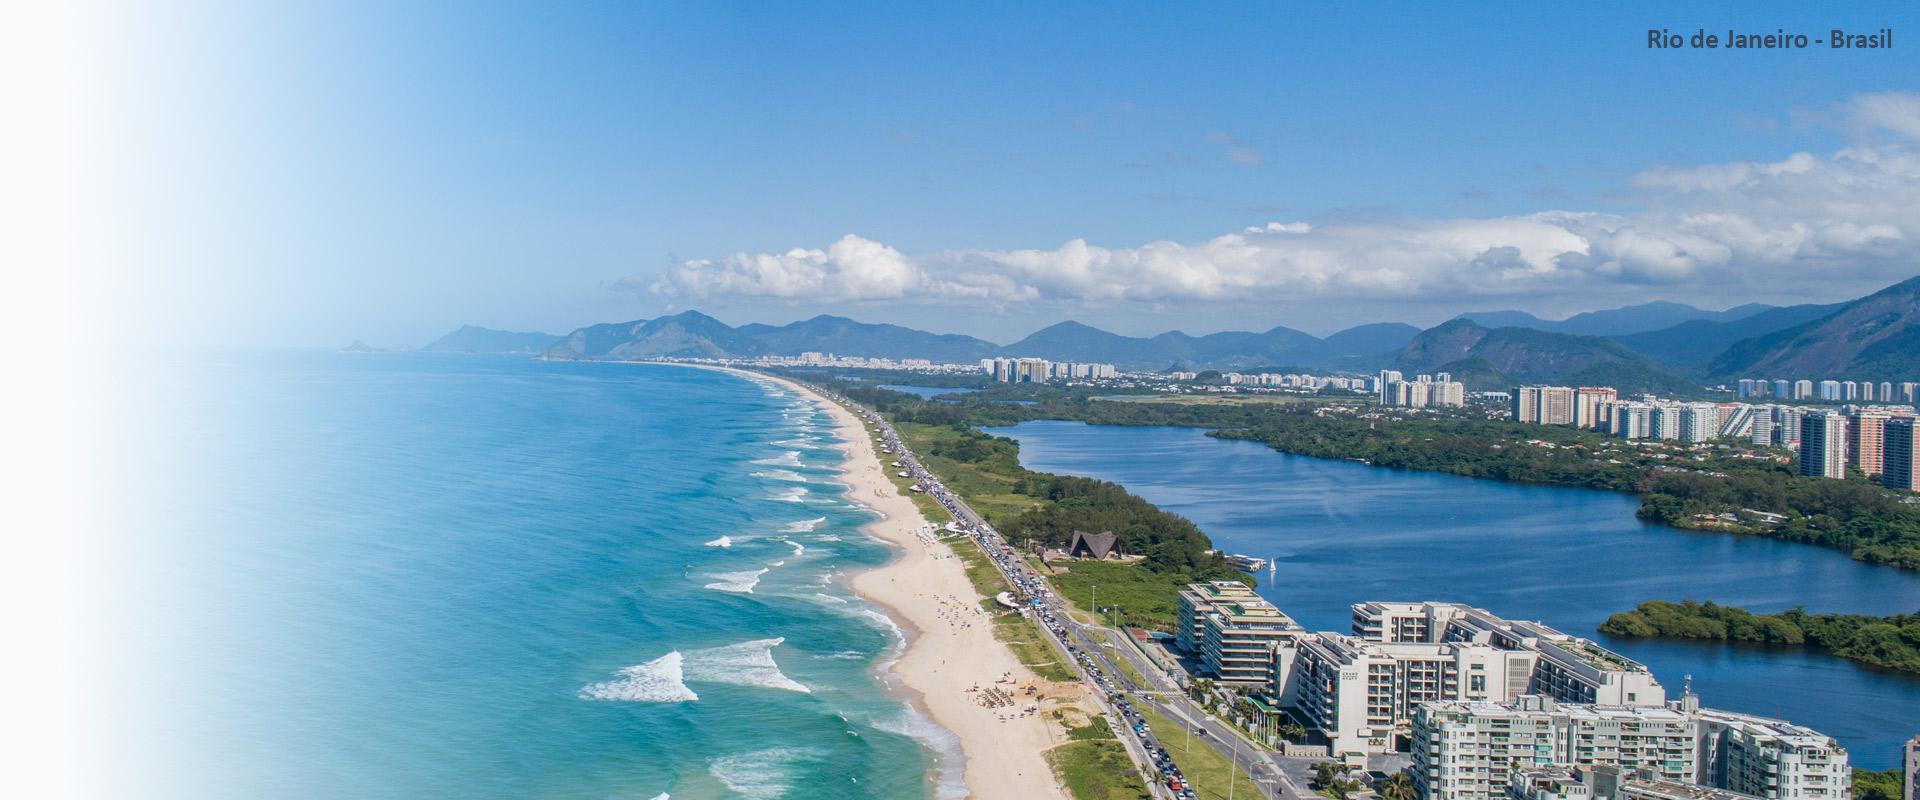 Imagen aérea de Río de Janeiro